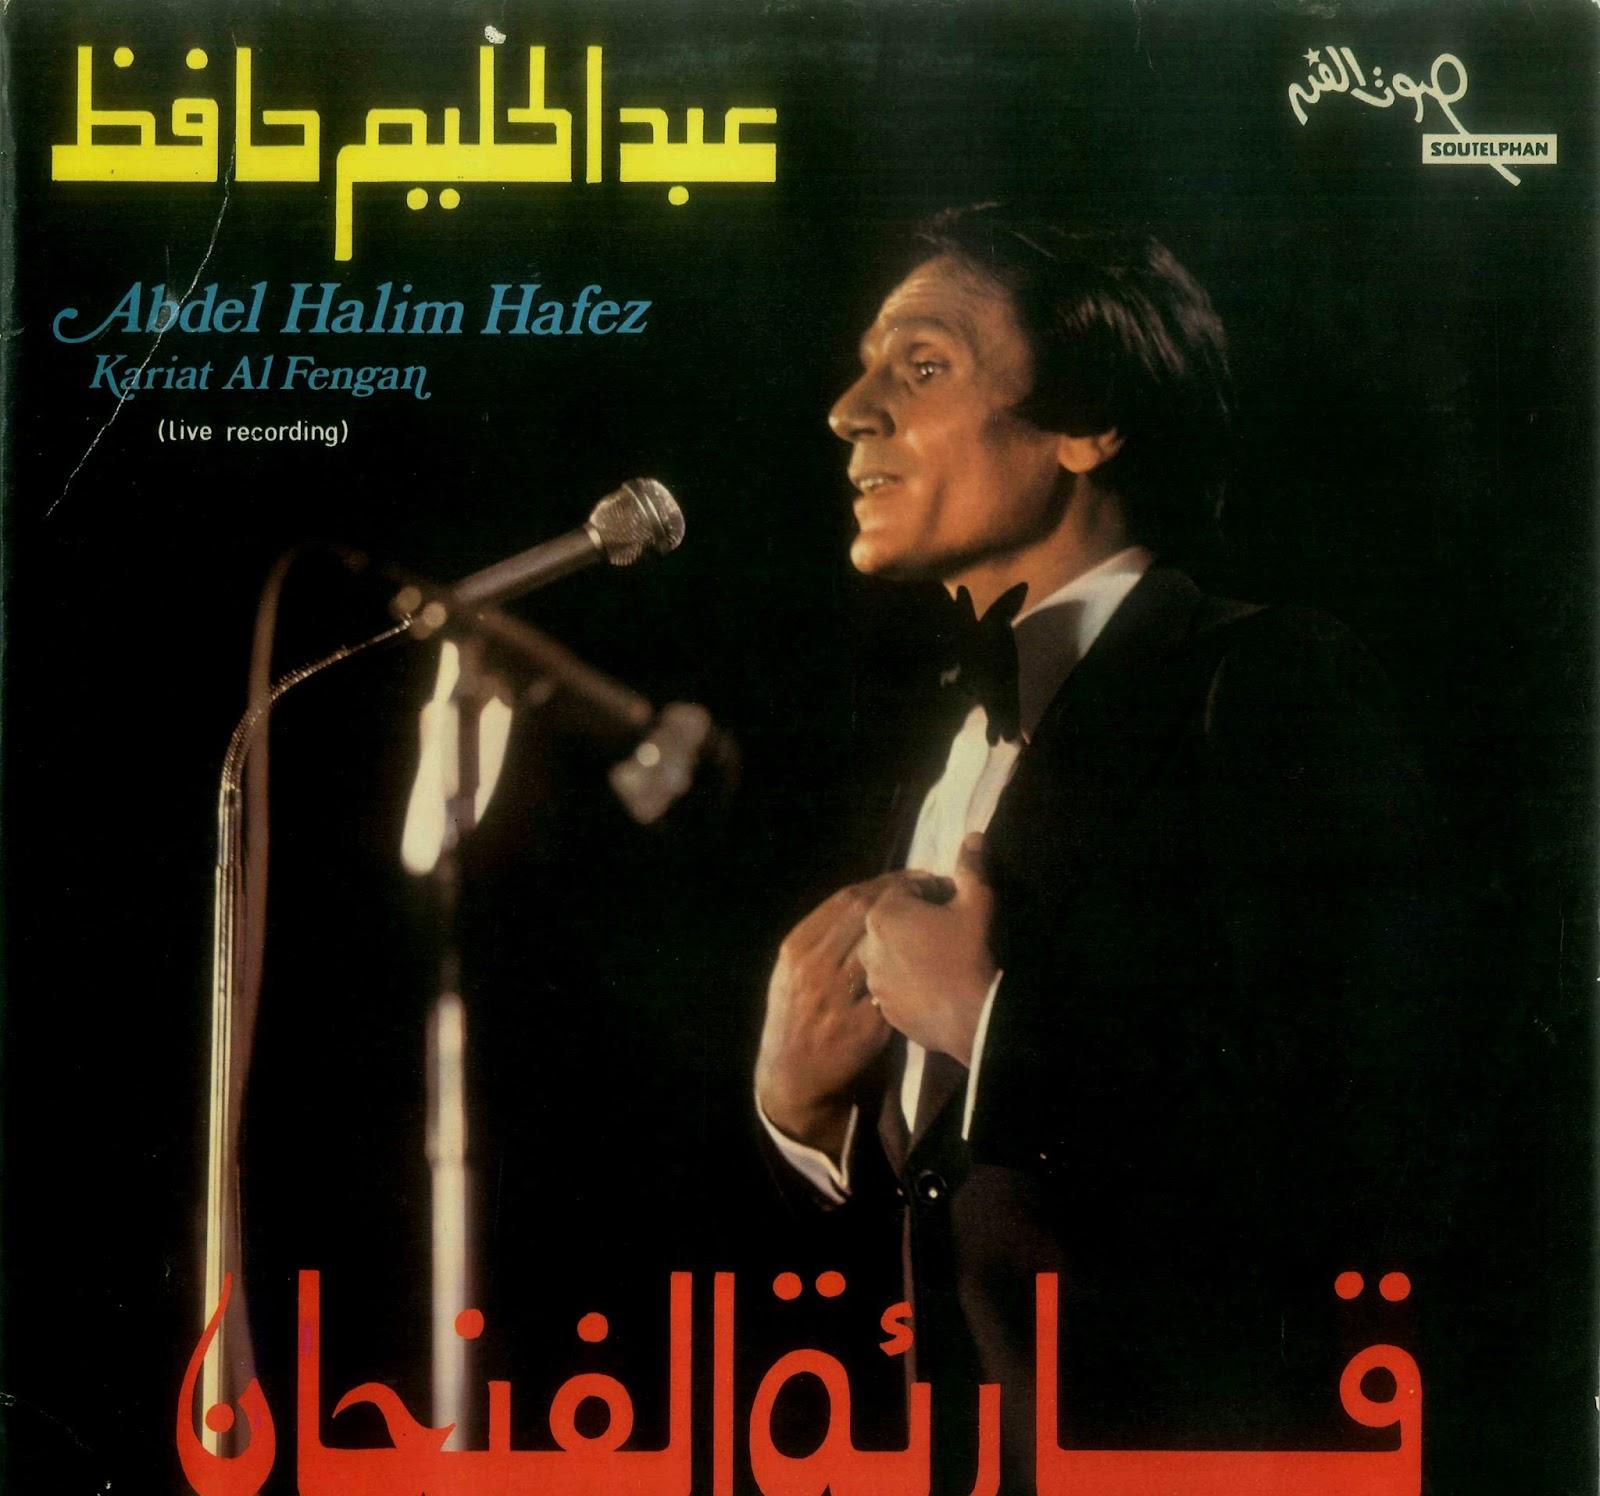 Image Result For Abdel Halim Hafez